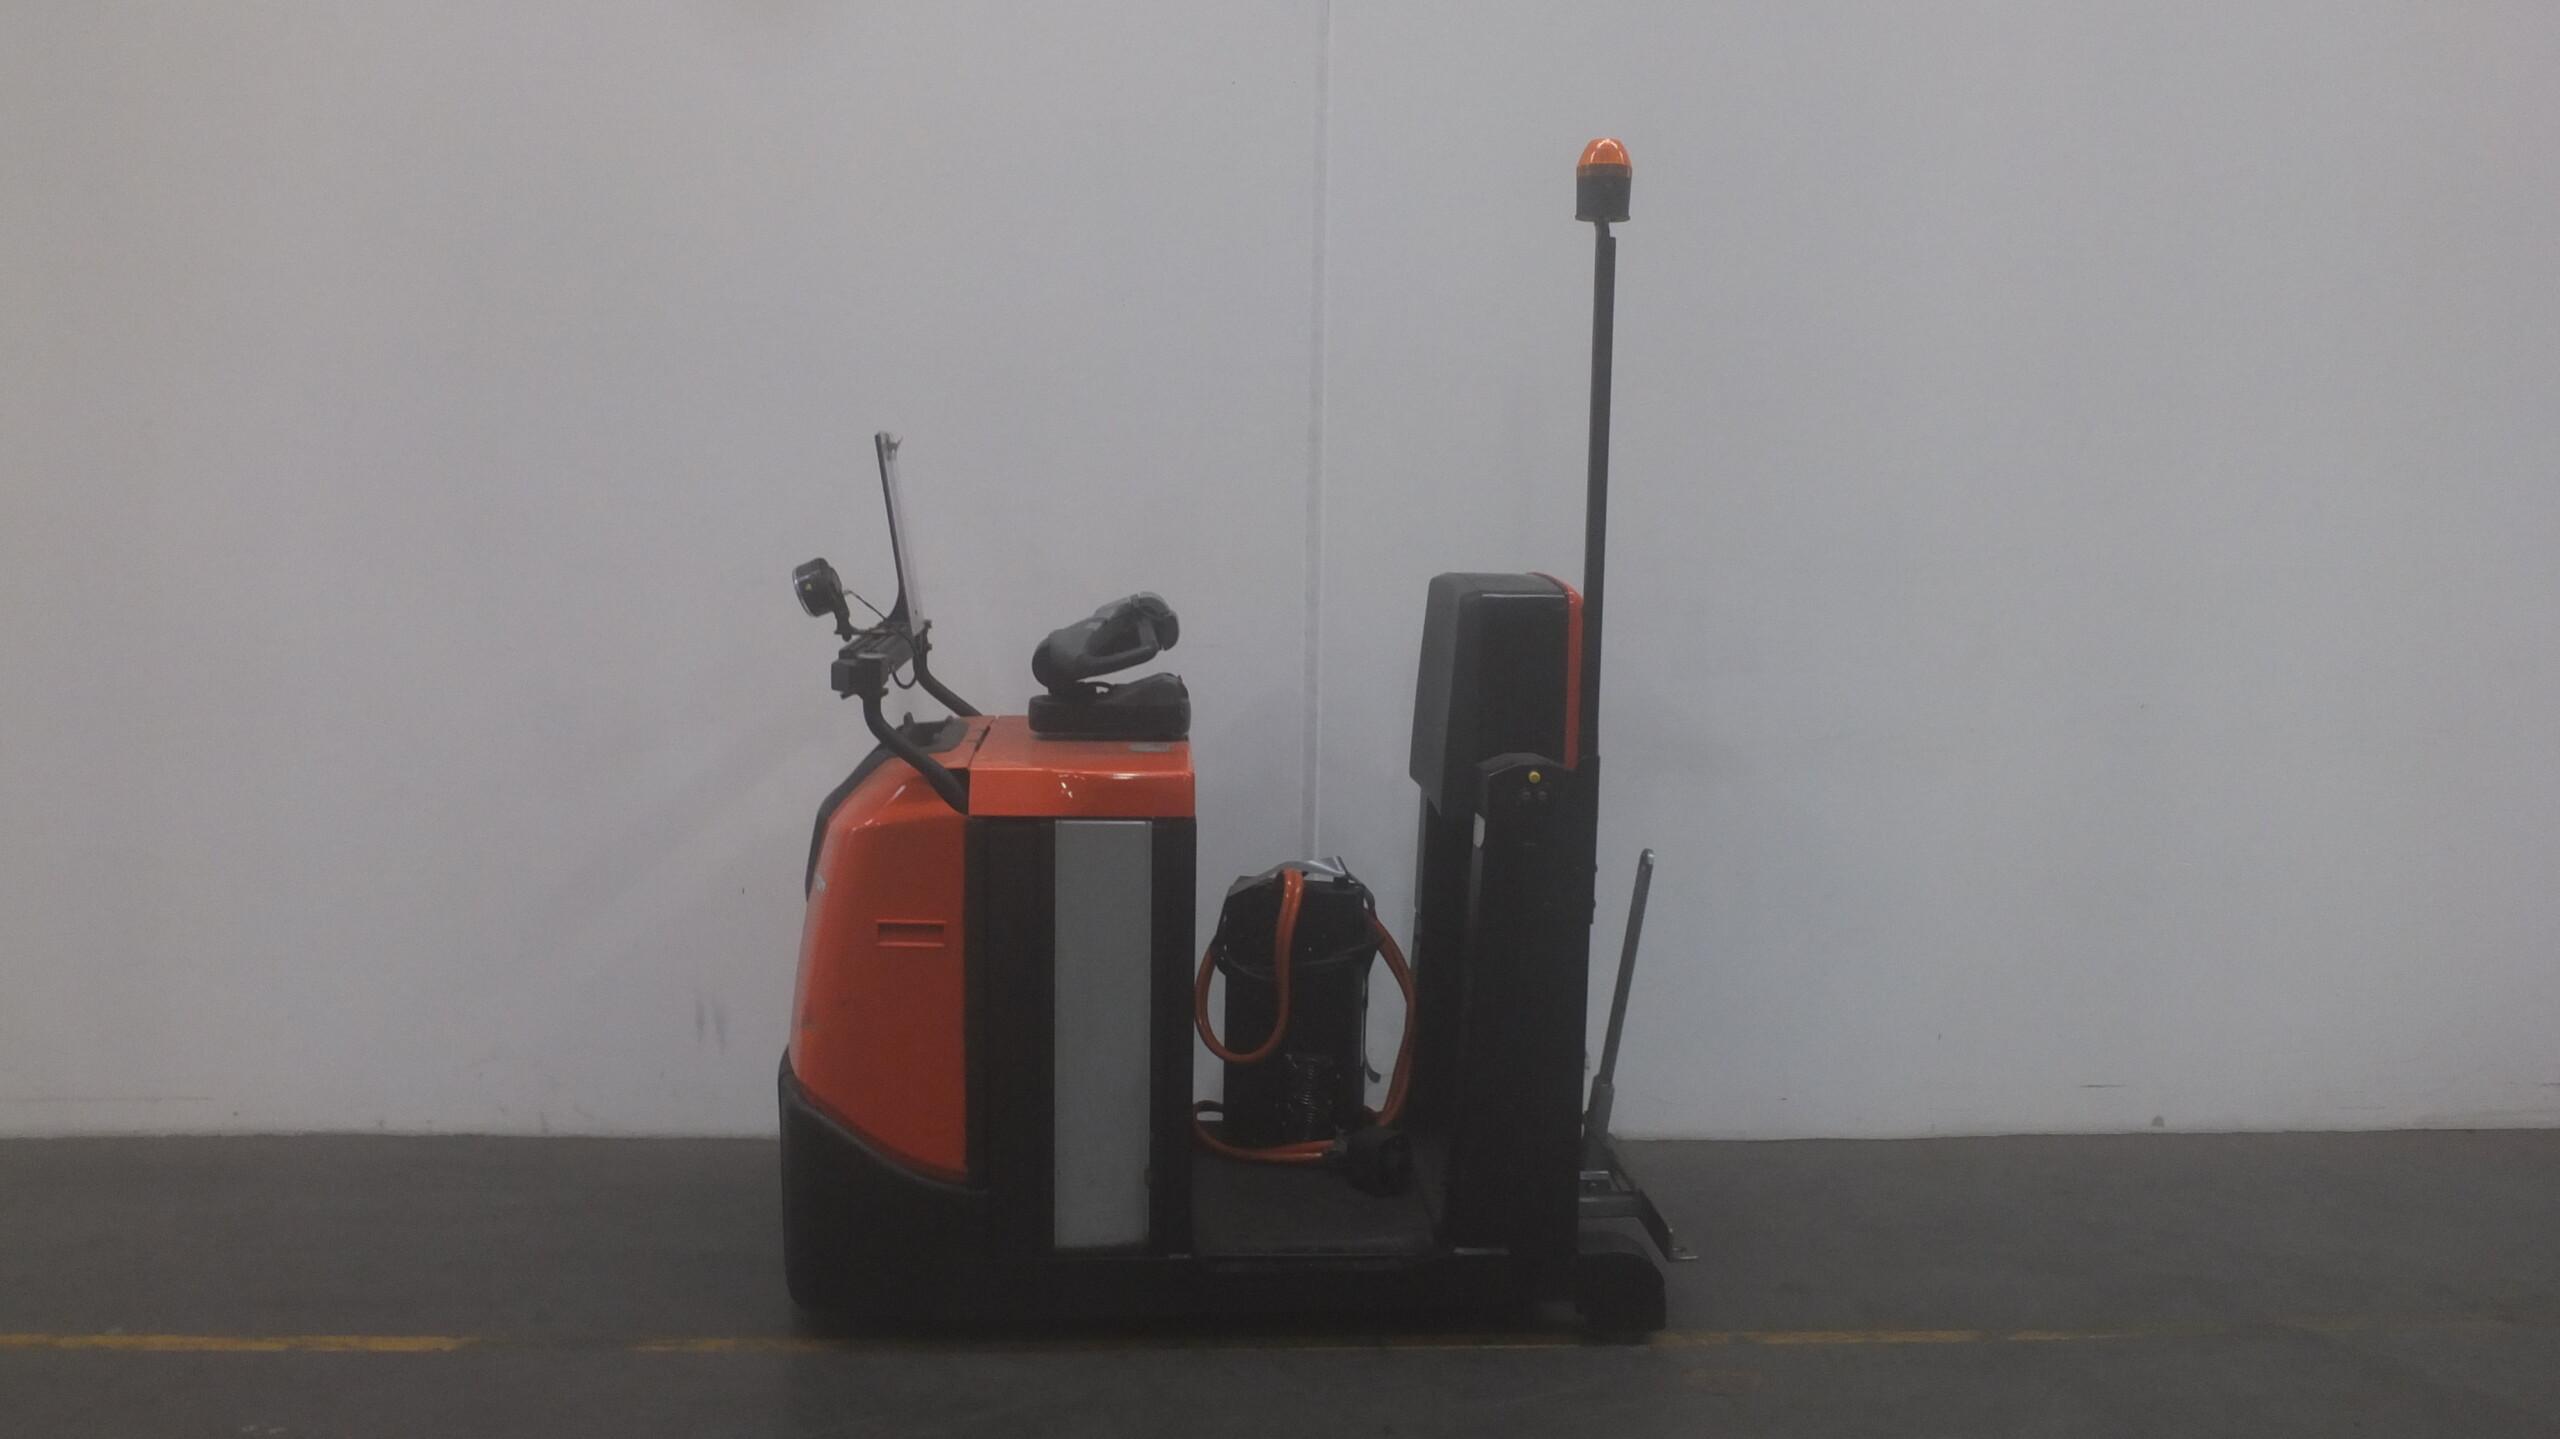 Toyota-Gabelstapler-59840 1803018151 1 6 scaled